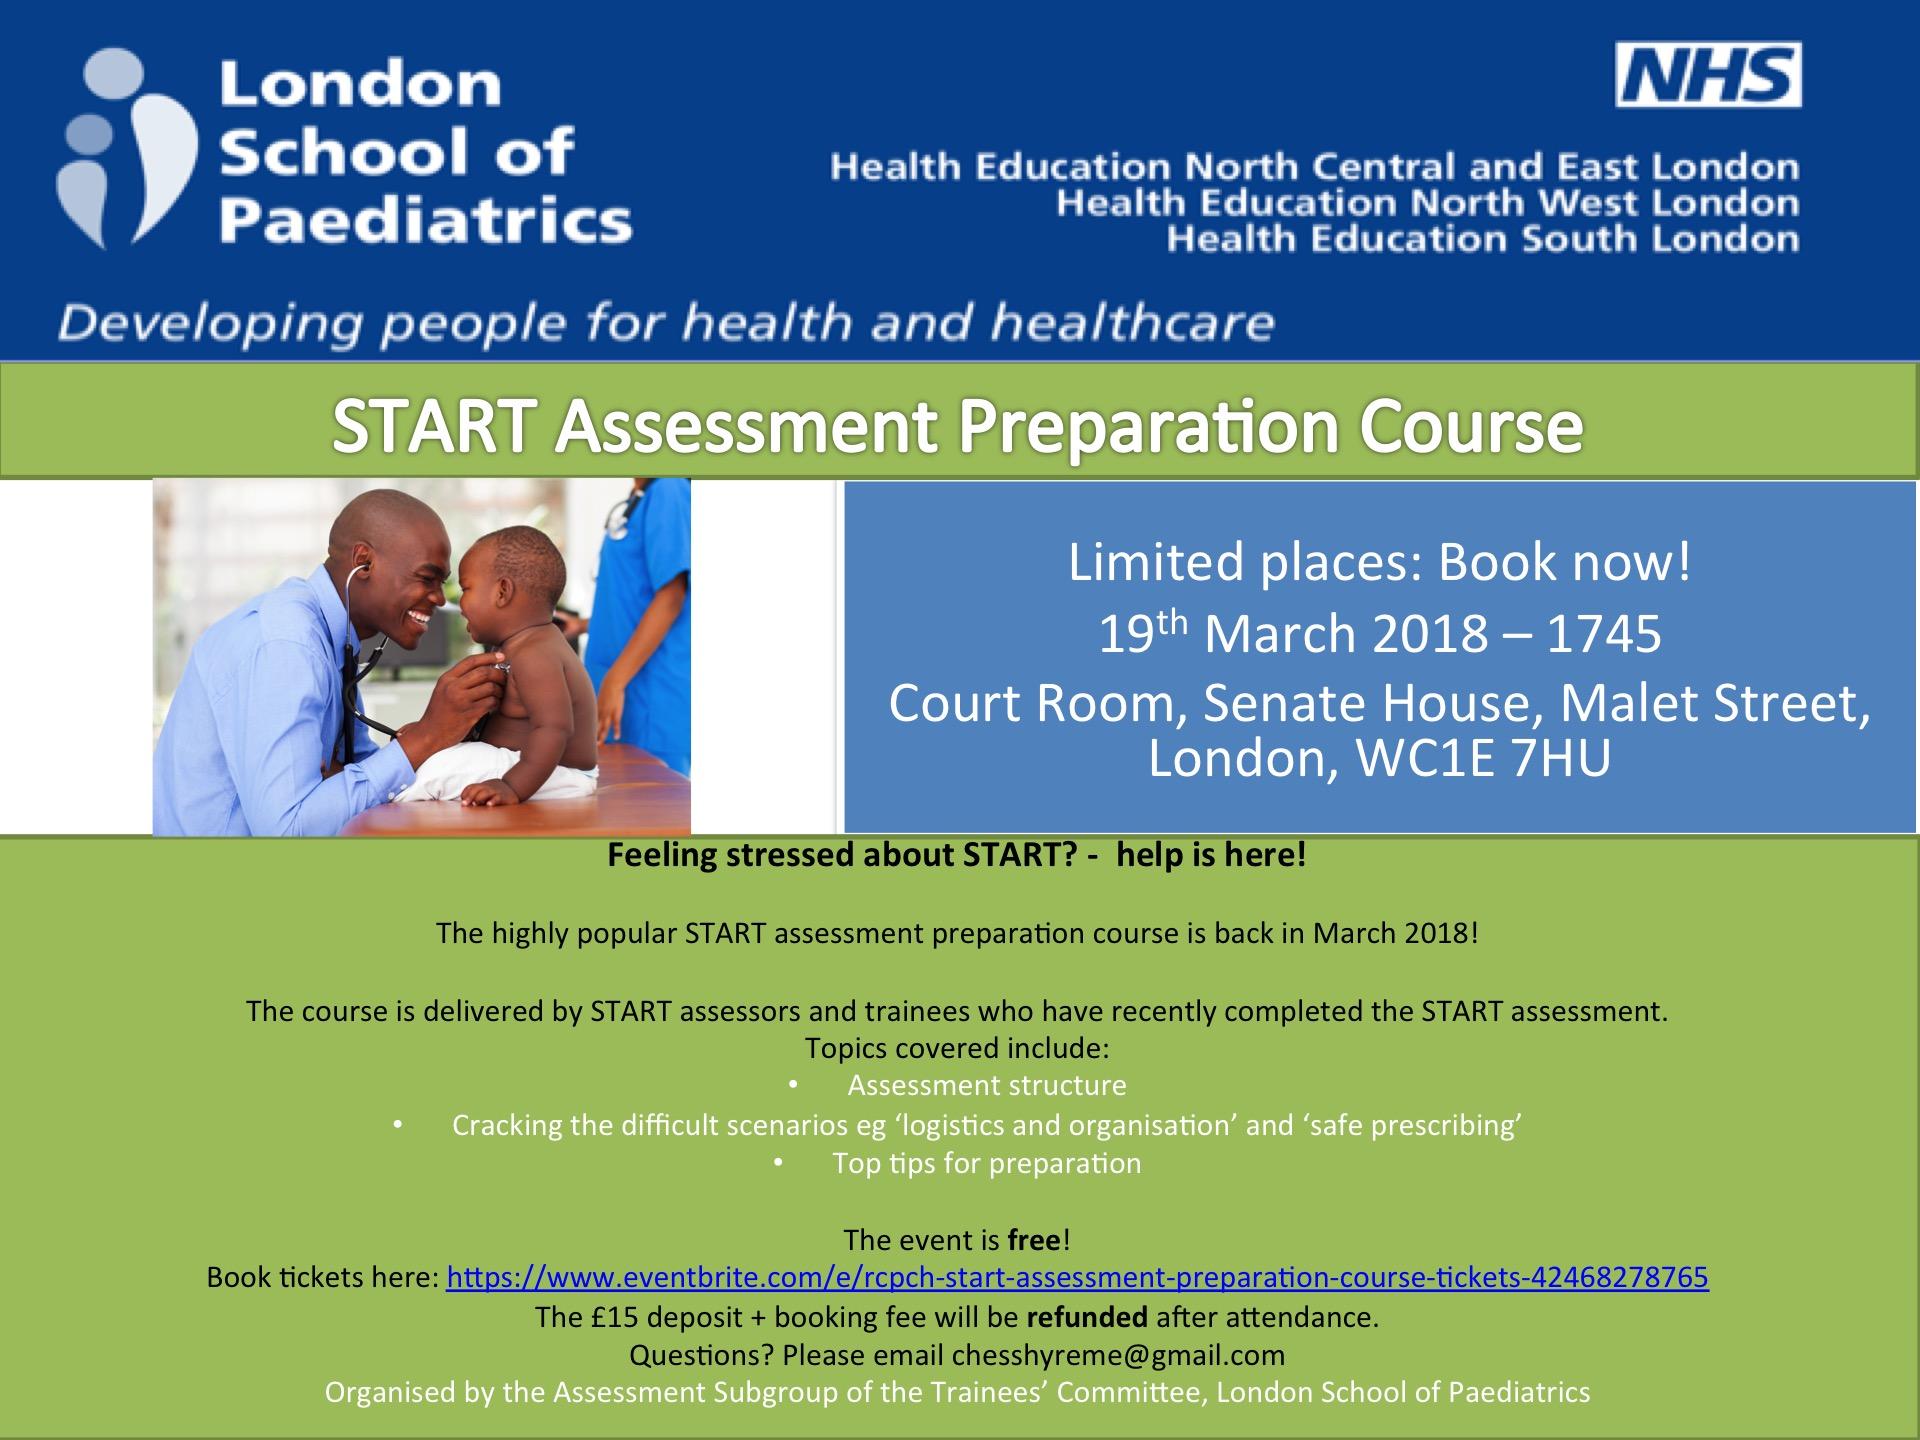 START Assessment Preparation 19.3.18